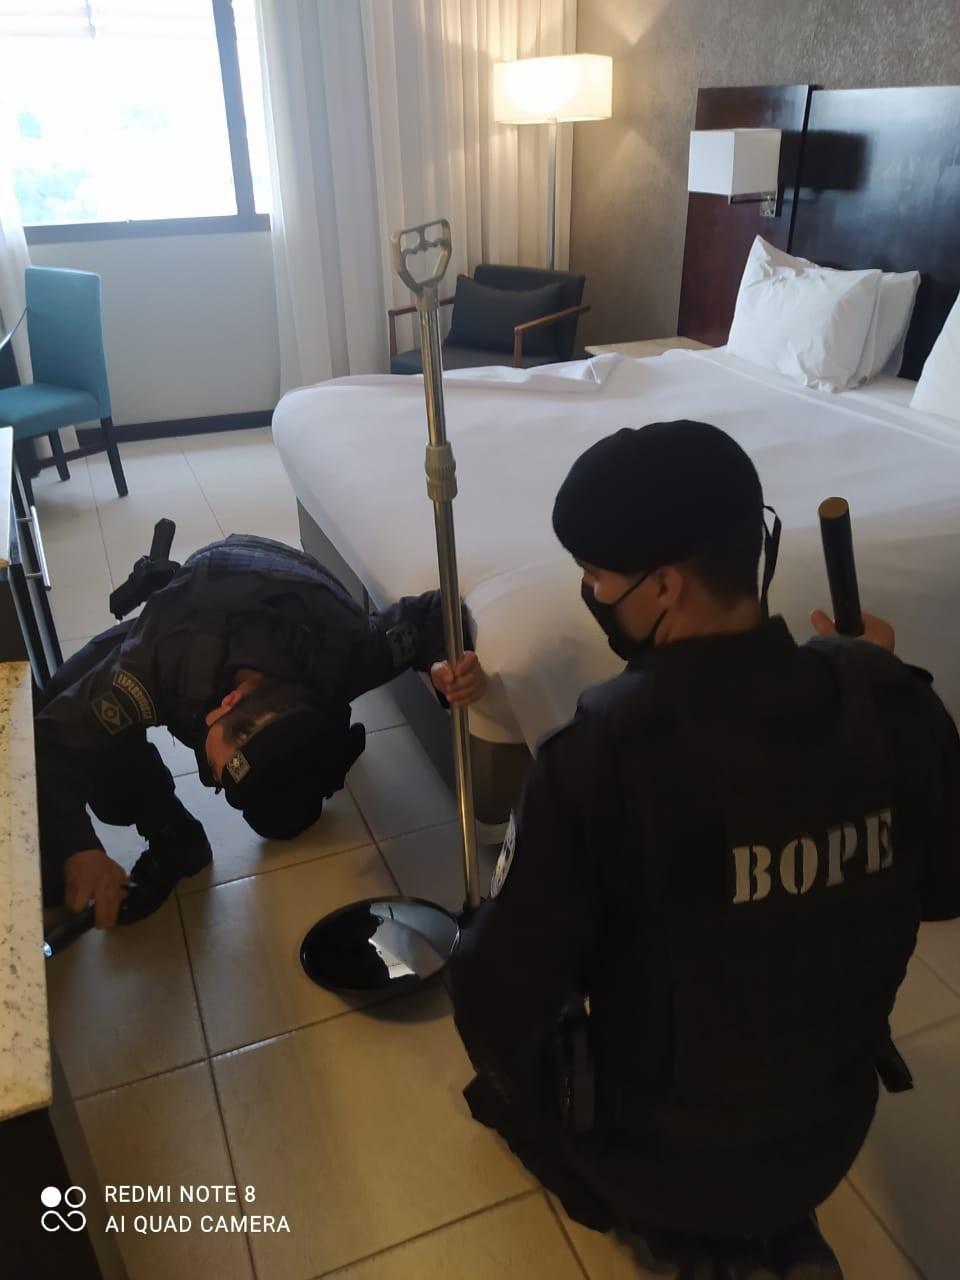 Esquadrão de bombas faz vistoria em hotéis em que seleções vão ficar para a Copa América em Cuiabá